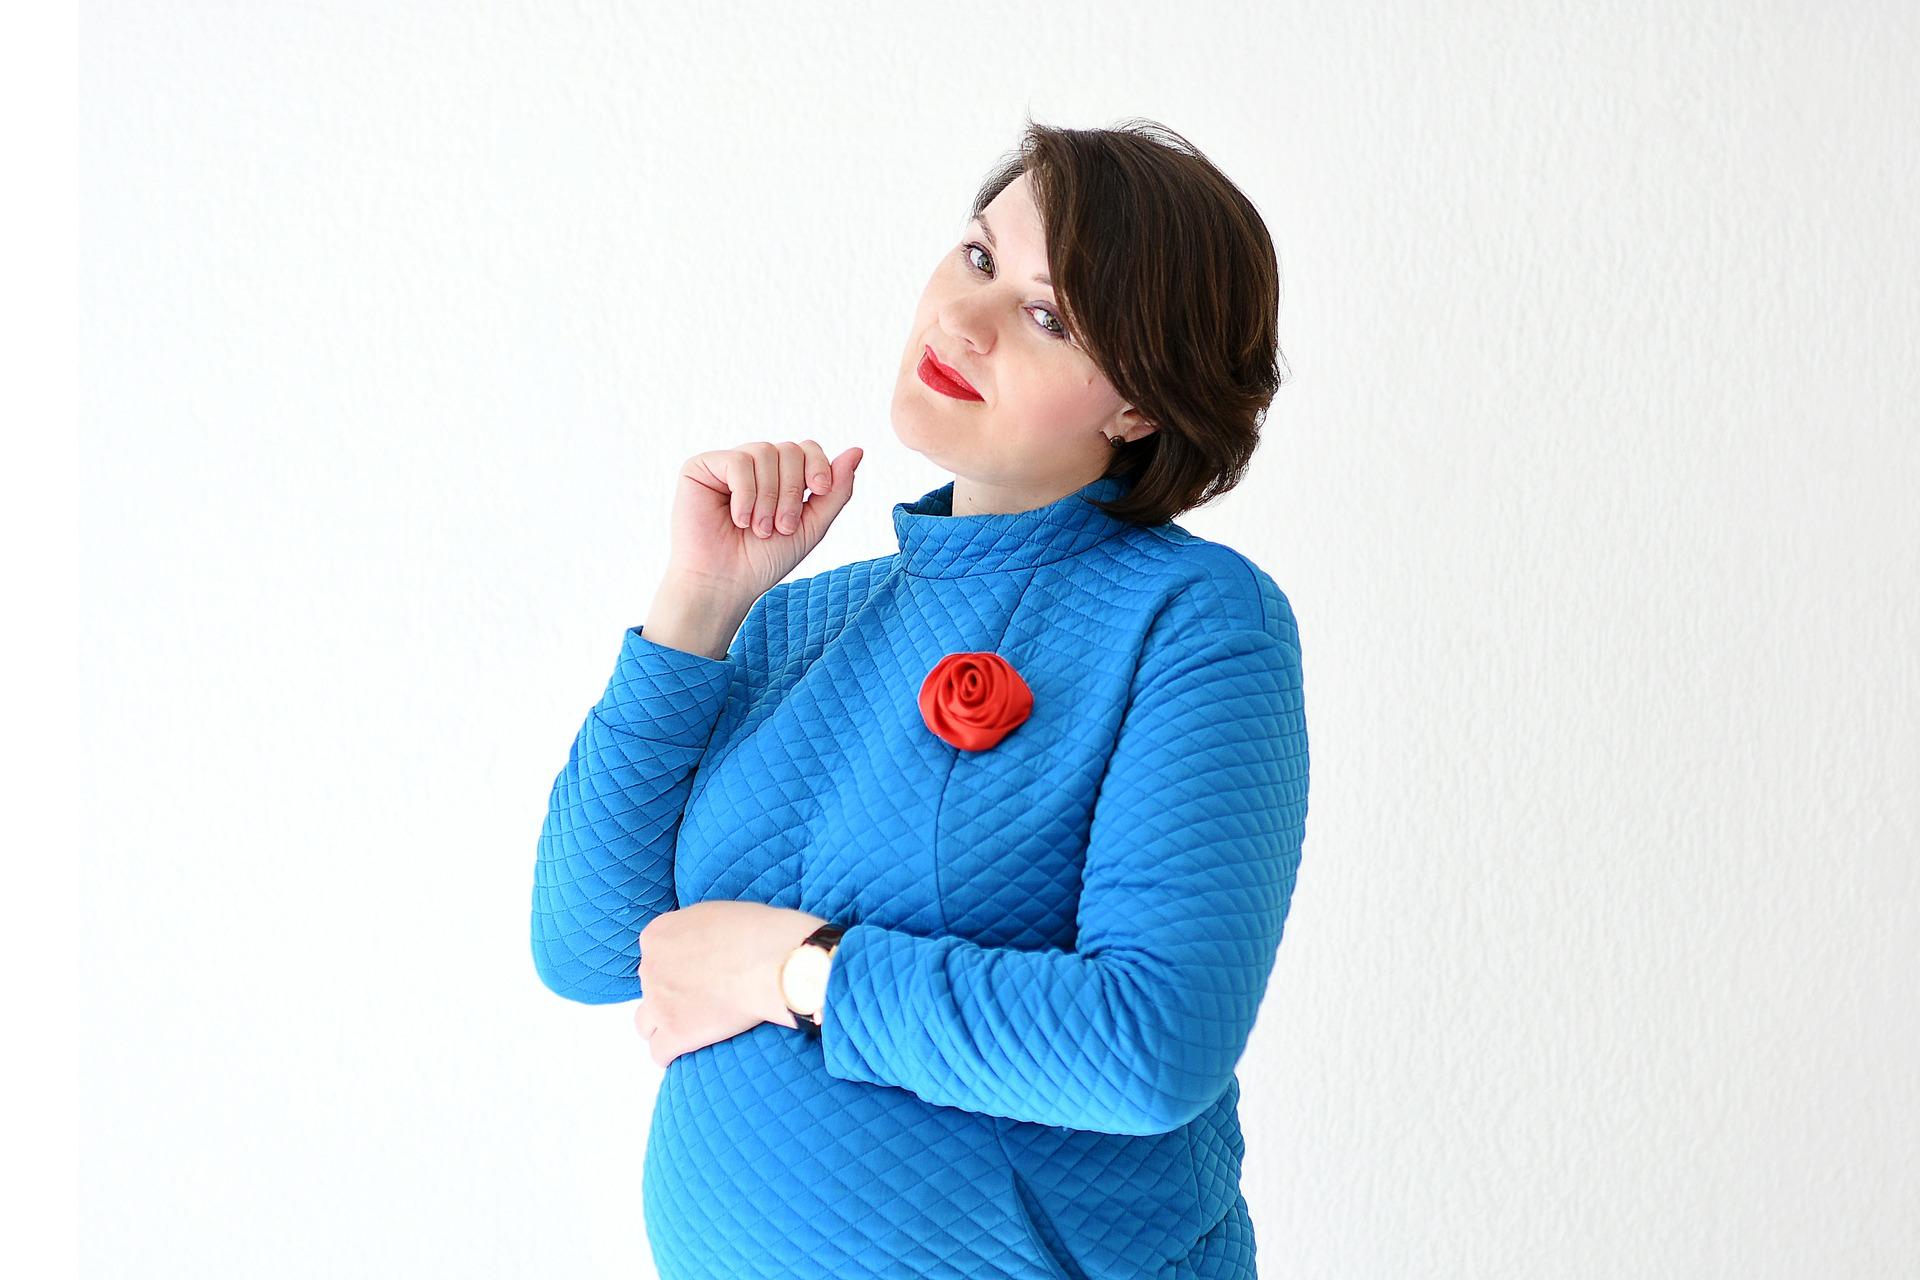 Больничный перед декретным отпуском: влияет ли на размер выплаты по беременности и родам, можно ли взять перед декретом, сколько дней можно получить?